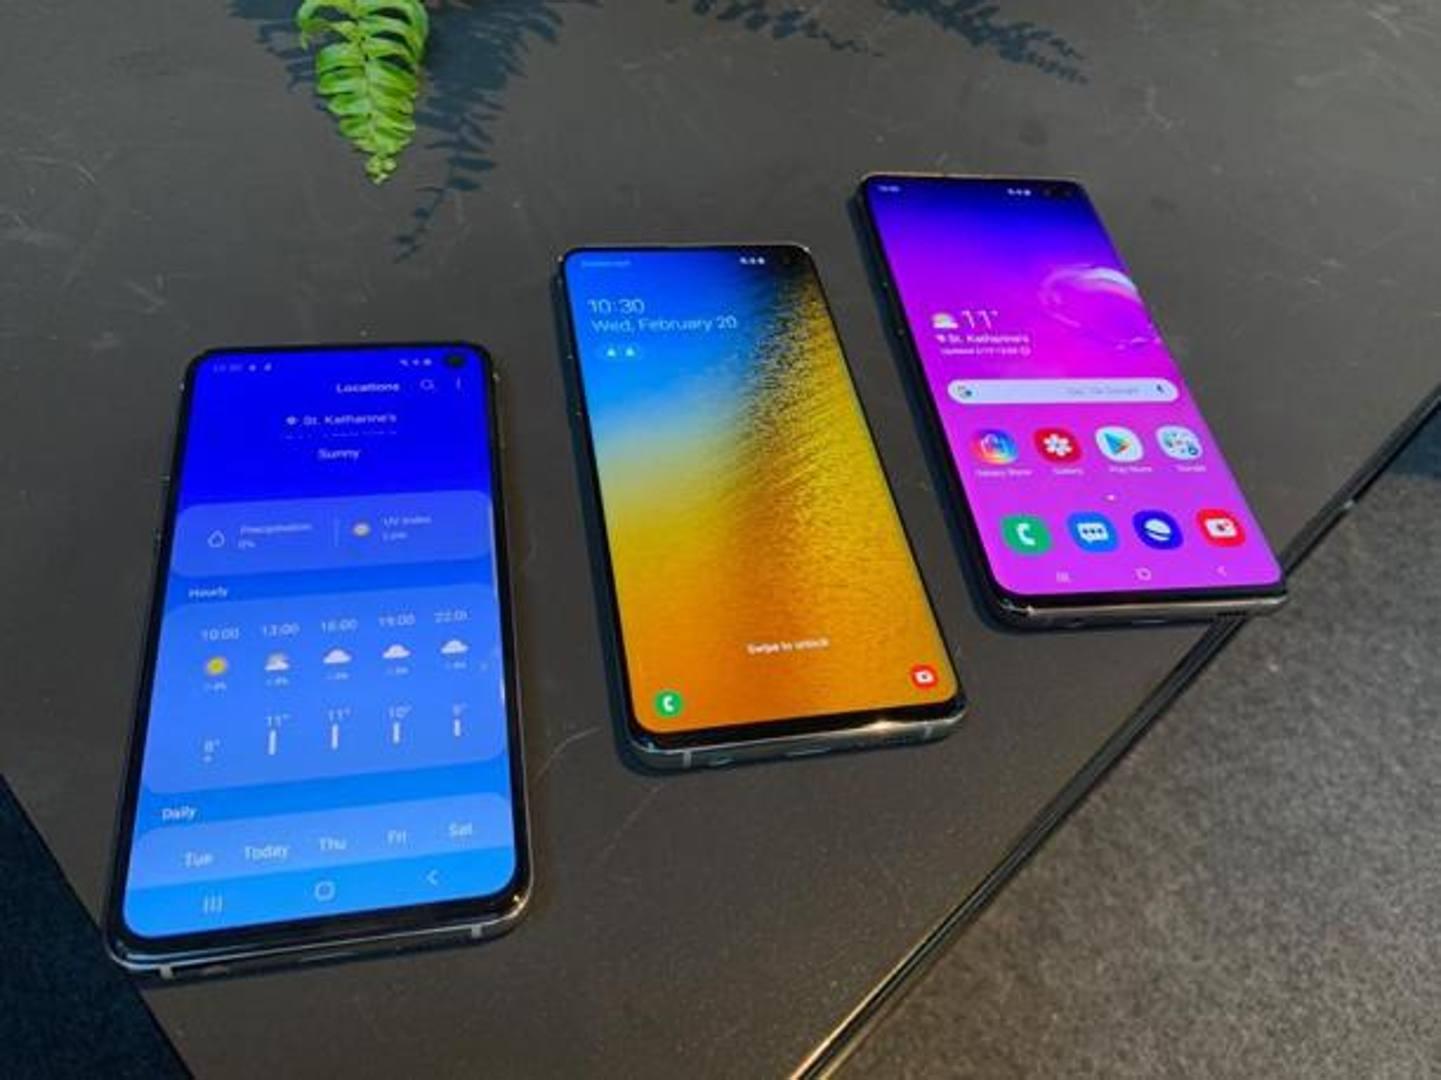 Samsung ha presentato il nuovo top di gamma, il Galaxy S10. Sono tre le varianti: S10e, S10 e S10+. Sarà in vendita dall'8 marzo ma i modelli sono già preordinabili